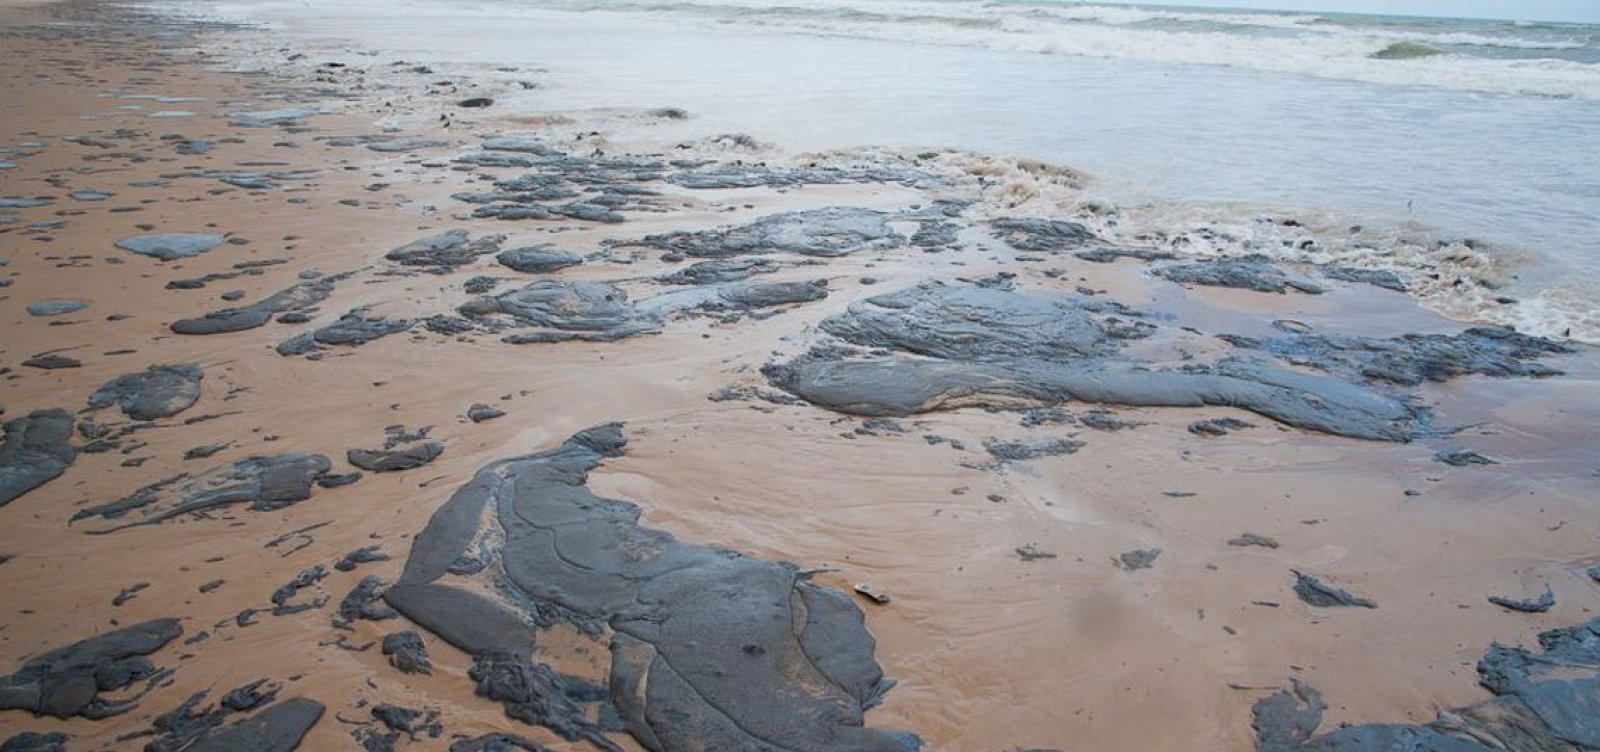 Petrobras já retirou mais de 200 toneladas de óleo das praias do Nordeste